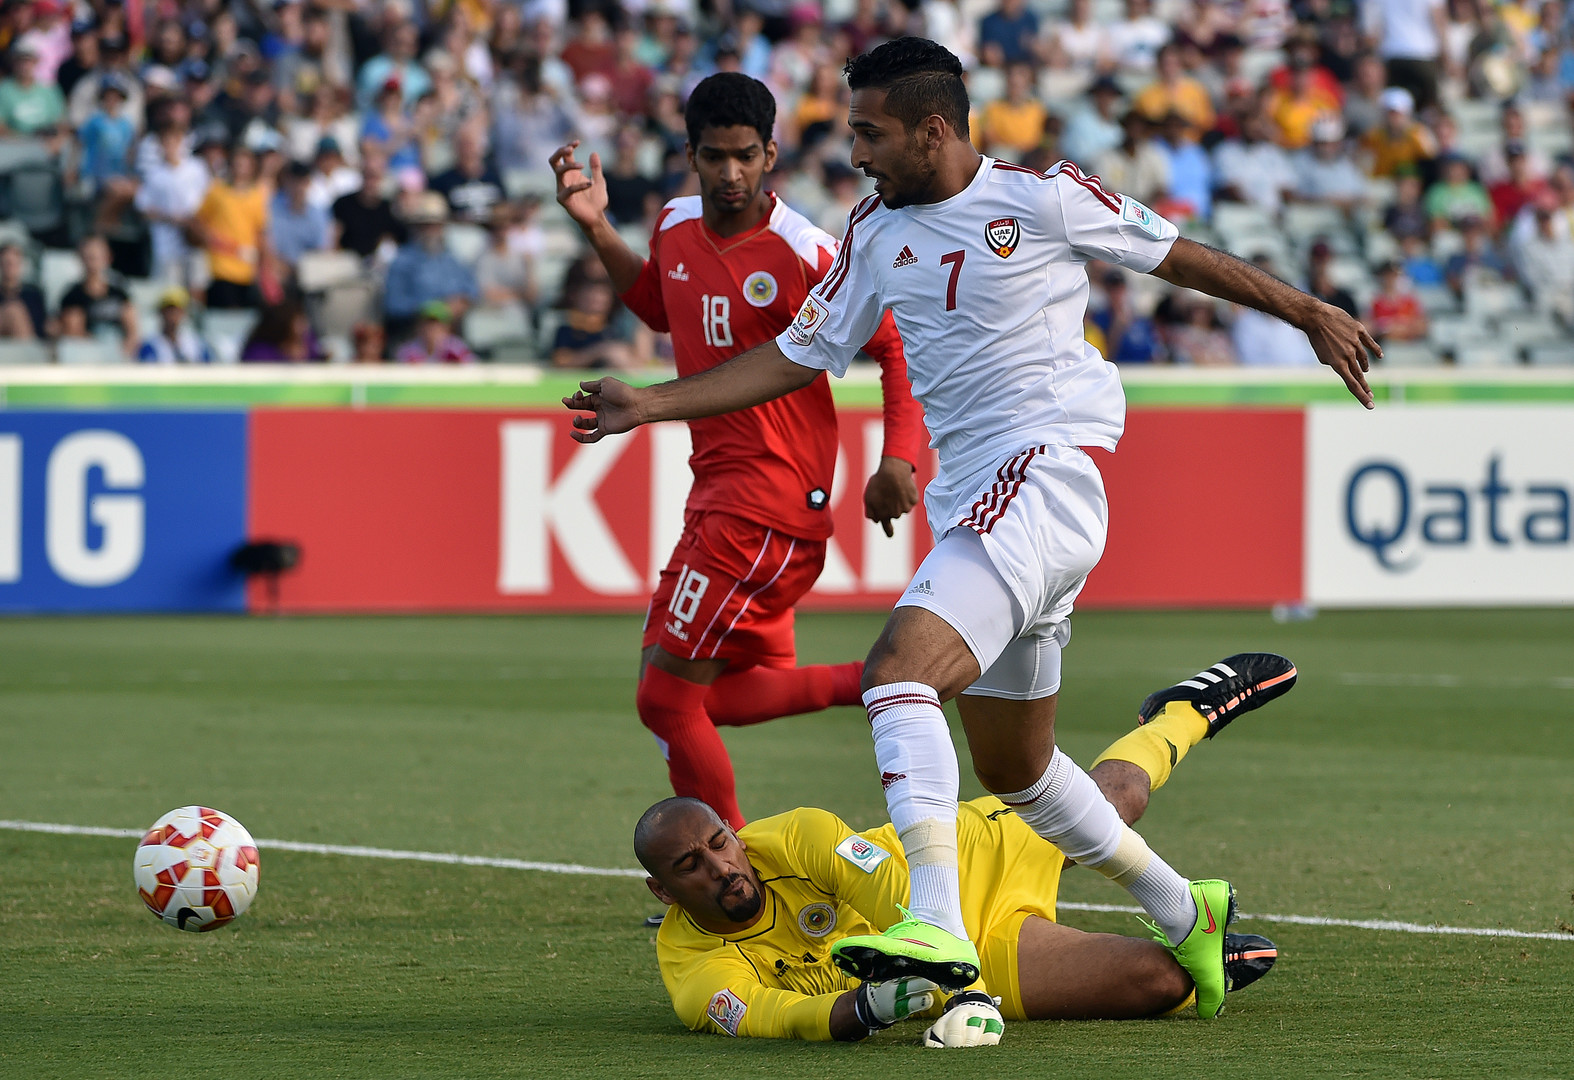 الأبيض الإماراتي أول منتخب عربي يبلغ ربع نهائي كأس آسيا